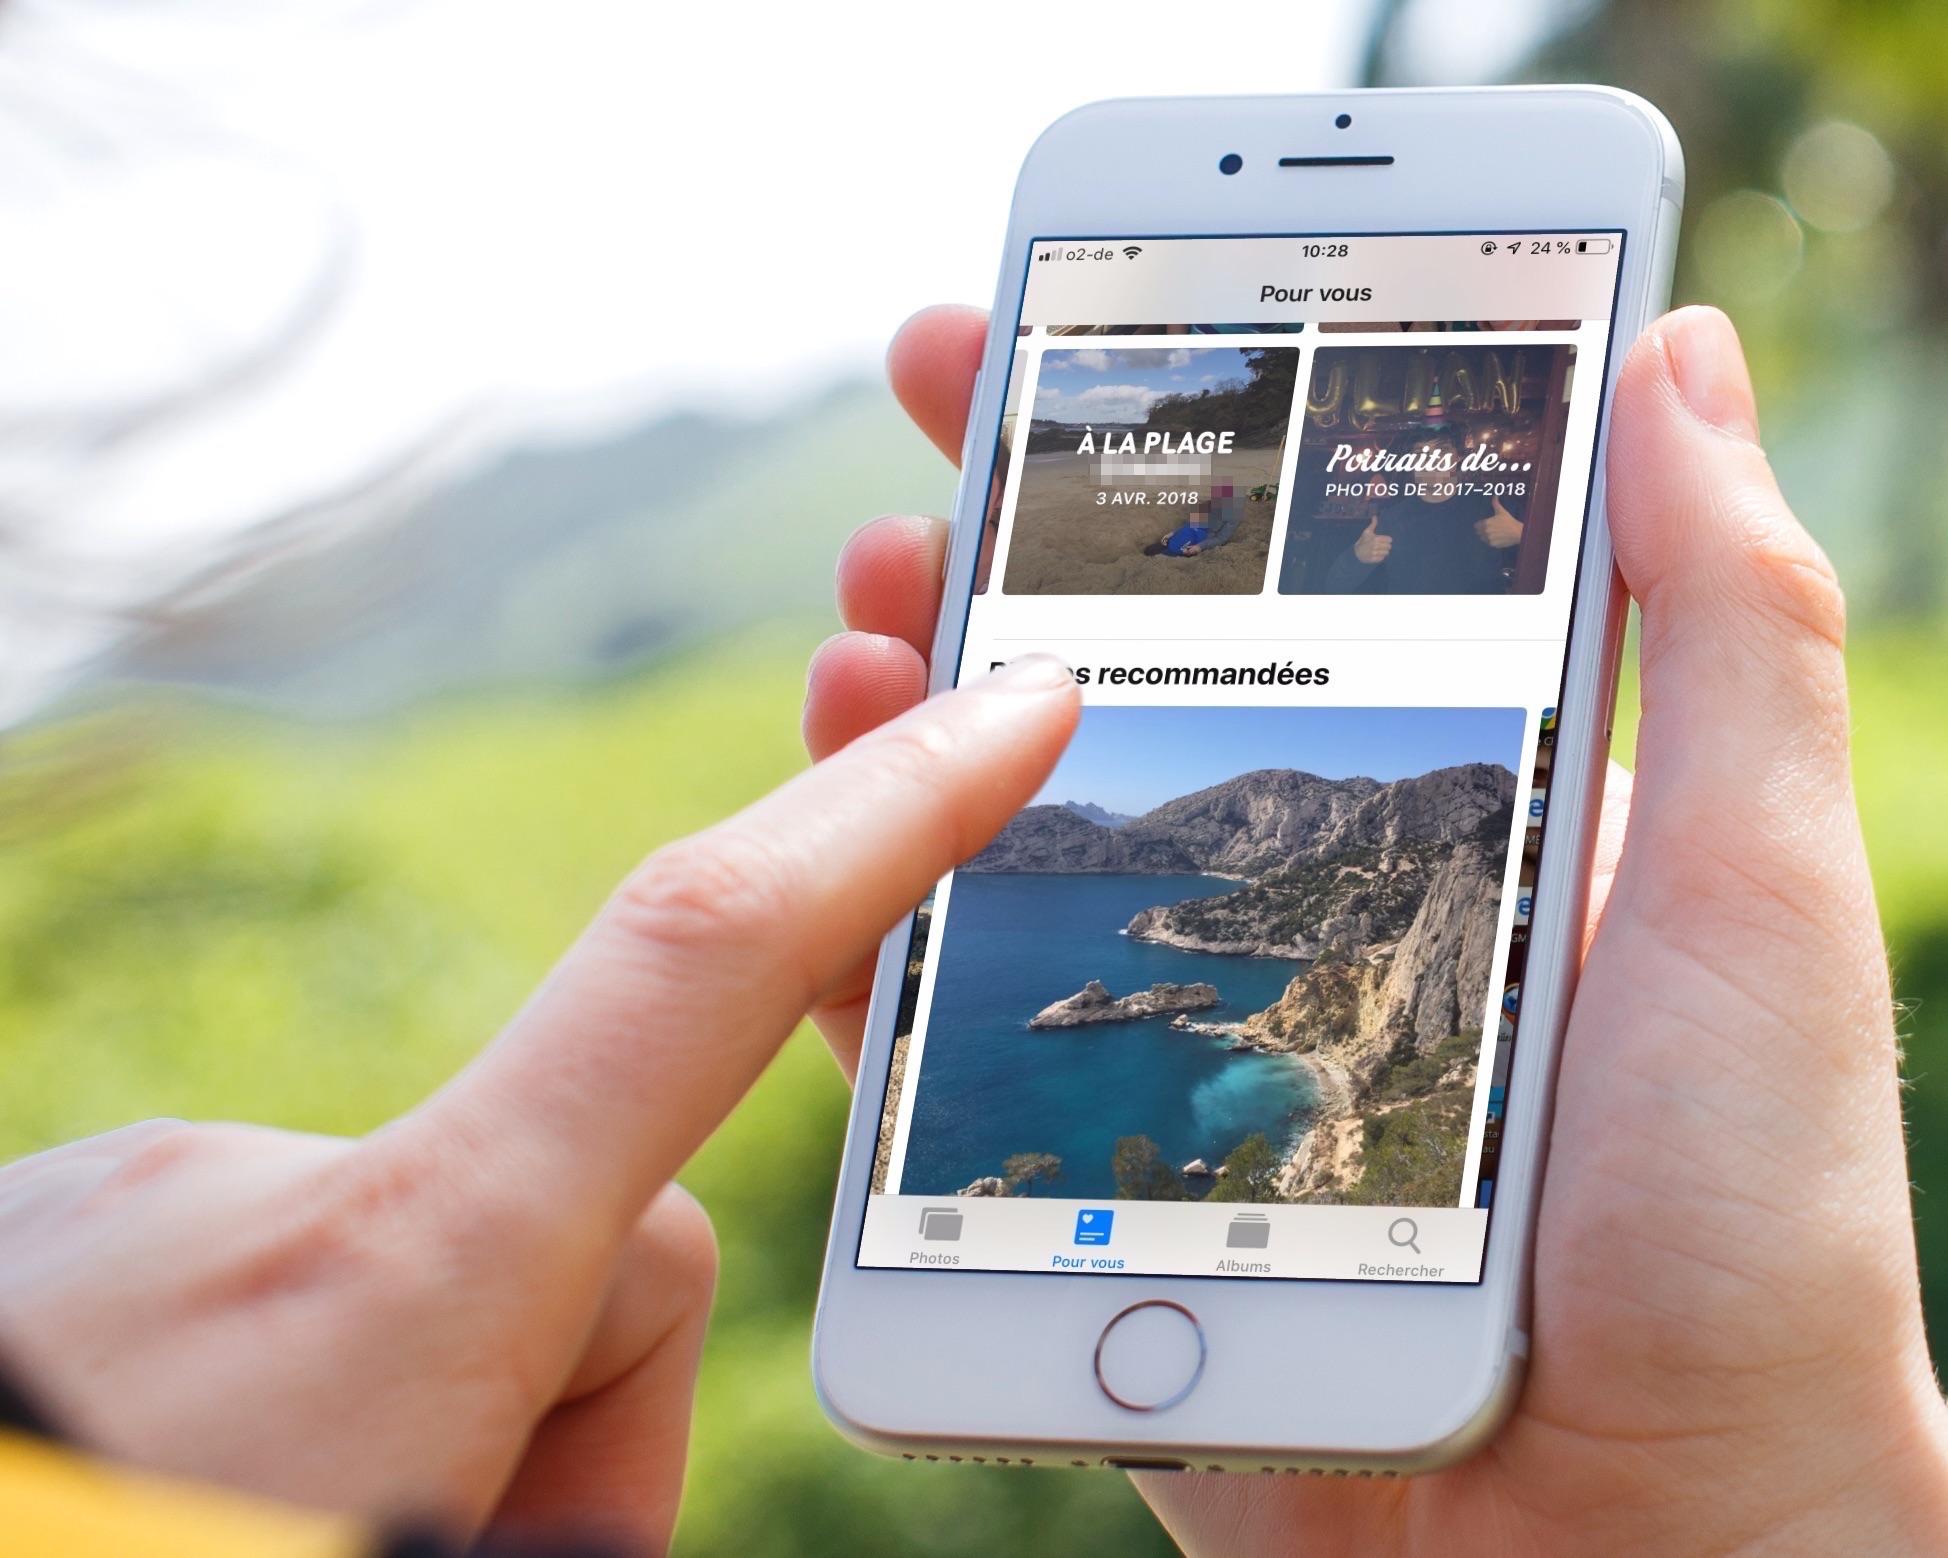 Avec iOS 12 : des nouveautés plus ou moins visibles pour retrouver et gérer ses photos (Rechercher, Pour vous, etc.) 1